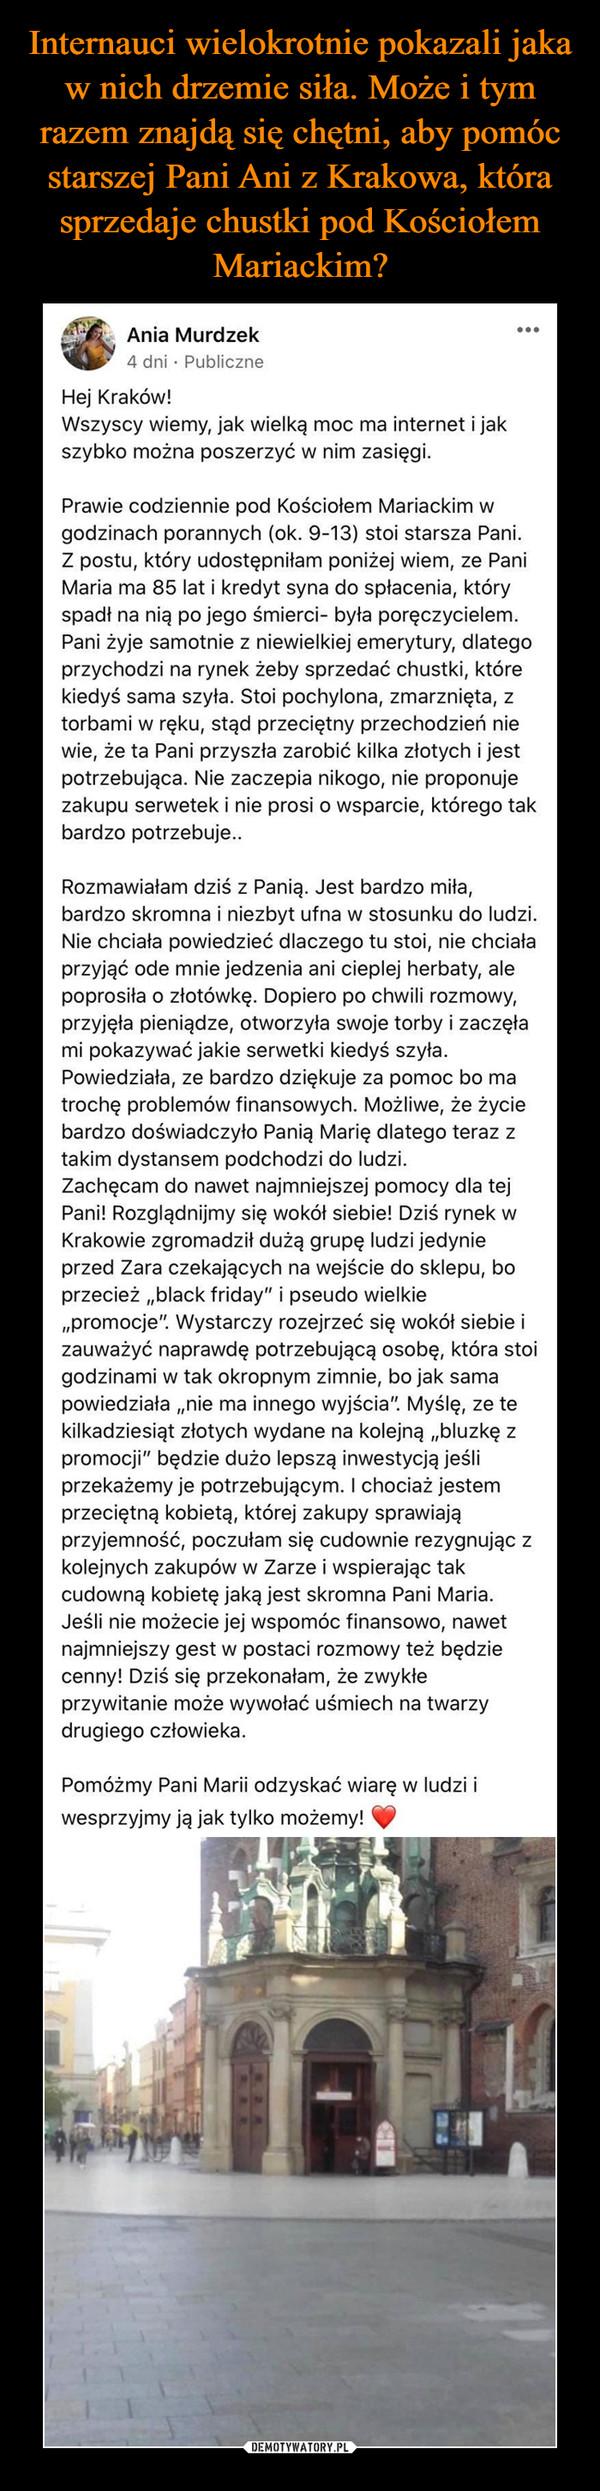 """–  Ania Murdzek 4 dni • Publiczne Hej Kraków! Wszyscy wiemy, jak wielką moc ma internet i jak szybko można poszerzyć w nim zasięgi. O Ot. Prawie codziennie pod Kościołem Mariackim w godzinach porannych (ok. 9-13) stoi starsza Pani. Z postu, który udostępniłam poniżej wiem, ze Pani Maria ma 85 lat i kredyt syna do spłacenia, który spadł na nią po jego śmierci- była poręczycielem. Pani żyje samotnie z niewielkiej emerytury, dlatego przychodzi na rynek żeby sprzedać chustki, które kiedyś sama szyła. Stoi pochylona, zmarznięta, z torbami w ręku, stąd przeciętny przechodzień nie wie, że ta Pani przyszła zarobić kilka złotych i jest potrzebująca. Nie zaczepia nikogo, nie proponuje zakupu serwetek i nie prosi o wsparcie, którego tak bardzo potrzebuje.. Rozmawiałam dziś z Panią. Jest bardzo miła, bardzo skromna i niezbyt ufna w stosunku do ludzi. Nie chciała powiedzieć dlaczego tu stoi, nie chciała przyjąć ode mnie jedzenia ani cieplej herbaty, ale poprosiła o złotówkę. Dopiero po chwili rozmowy, przyjęła pieniądze, otworzyła swoje torby i zaczęła mi pokazywać jakie serwetki kiedyś szyła. Powiedziała, ze bardzo dziękuje za pomoc bo ma trochę problemów finansowych. Możliwe, że życie bardzo doświadczyło Panią Marię dlatego teraz z takim dystansem podchodzi do ludzi. Zachęcam do nawet najmniejszej pomocy dla tej Pani! Rozglądnijmy się wokół siebie! Dziś rynek w Krakowie zgromadził dużą grupę ludzi jedynie przed Zara czekających na wejście do sklepu, bo przecież """"black friday"""" i pseudo wielkie """"promocje"""". Wystarczy rozejrzeć się wokół siebie i zauważyć naprawdę potrzebującą osobę, która stoi godzinami w tak okropnym zimnie, bo jak sama powiedziała """"nie ma innego wyjścia"""". Myślę, ze te kilkadziesiąt złotych wydane na kolejną """"bluzkę z promocji"""" będzie dużo lepszą inwestycją jeśli przekażemy je potrzebującym. I chociaż jestem przeciętną kobietą, której zakupy sprawiają przyjemność, poczułam się cudownie rezygnując z kolejnych zakupów w Zarze i wspierając tak cudowną kobietę jaką """